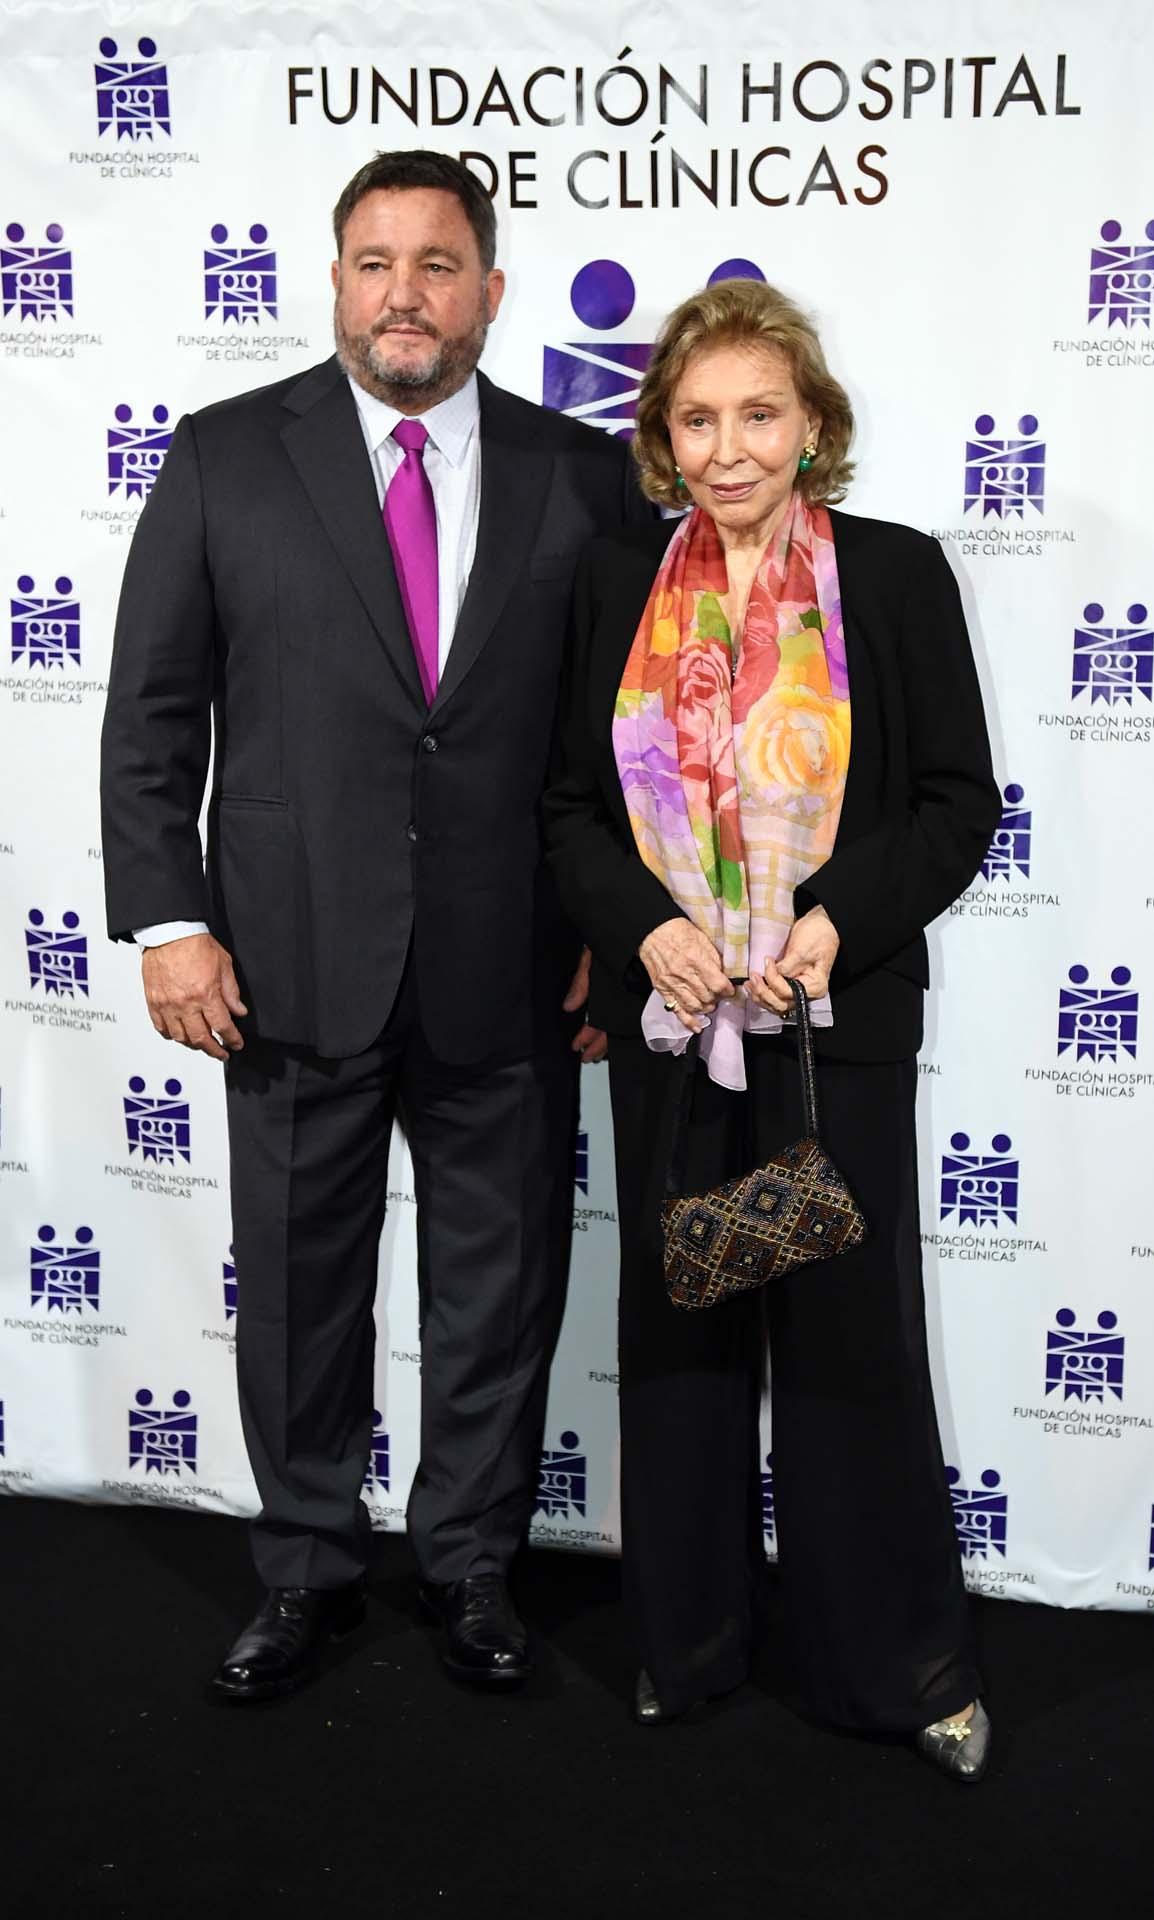 Alejandro Macfarlane y Mercedes Von Dietrichstein de Zemborain, presidenta honoraria de la Fundación